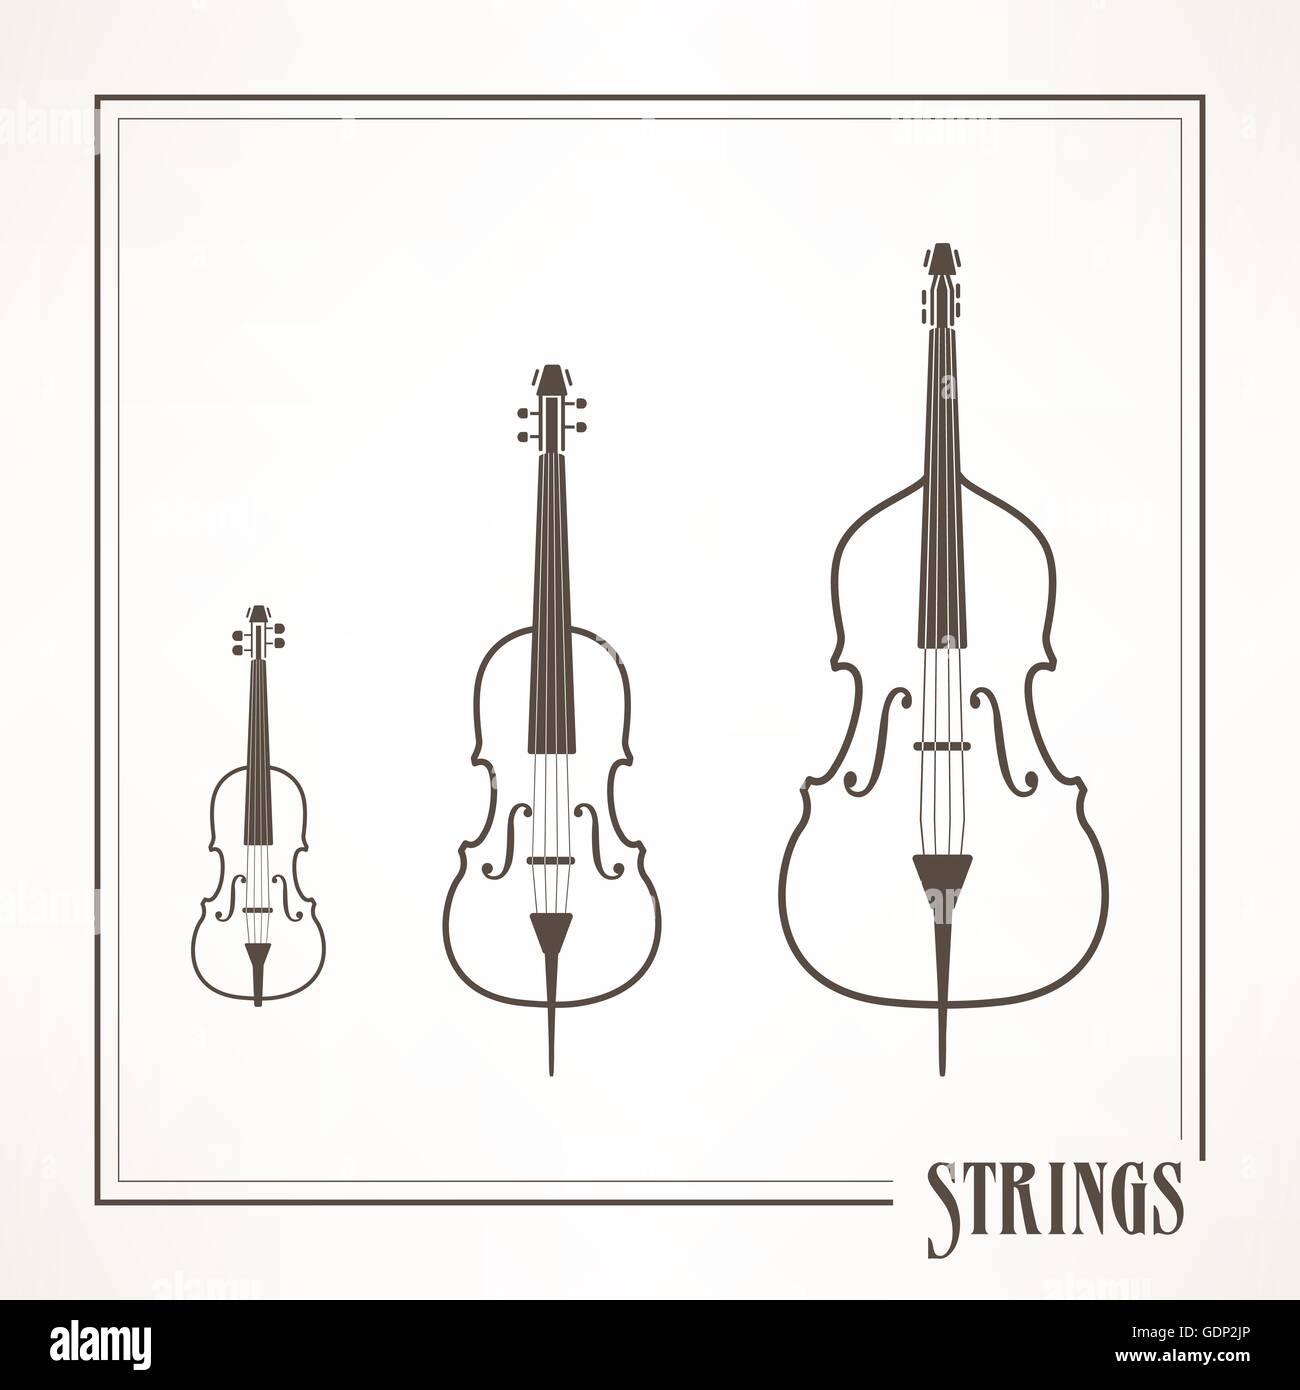 Musique classique les instruments à cordes: violon, alto, violoncelle et contrebasse Photo Stock